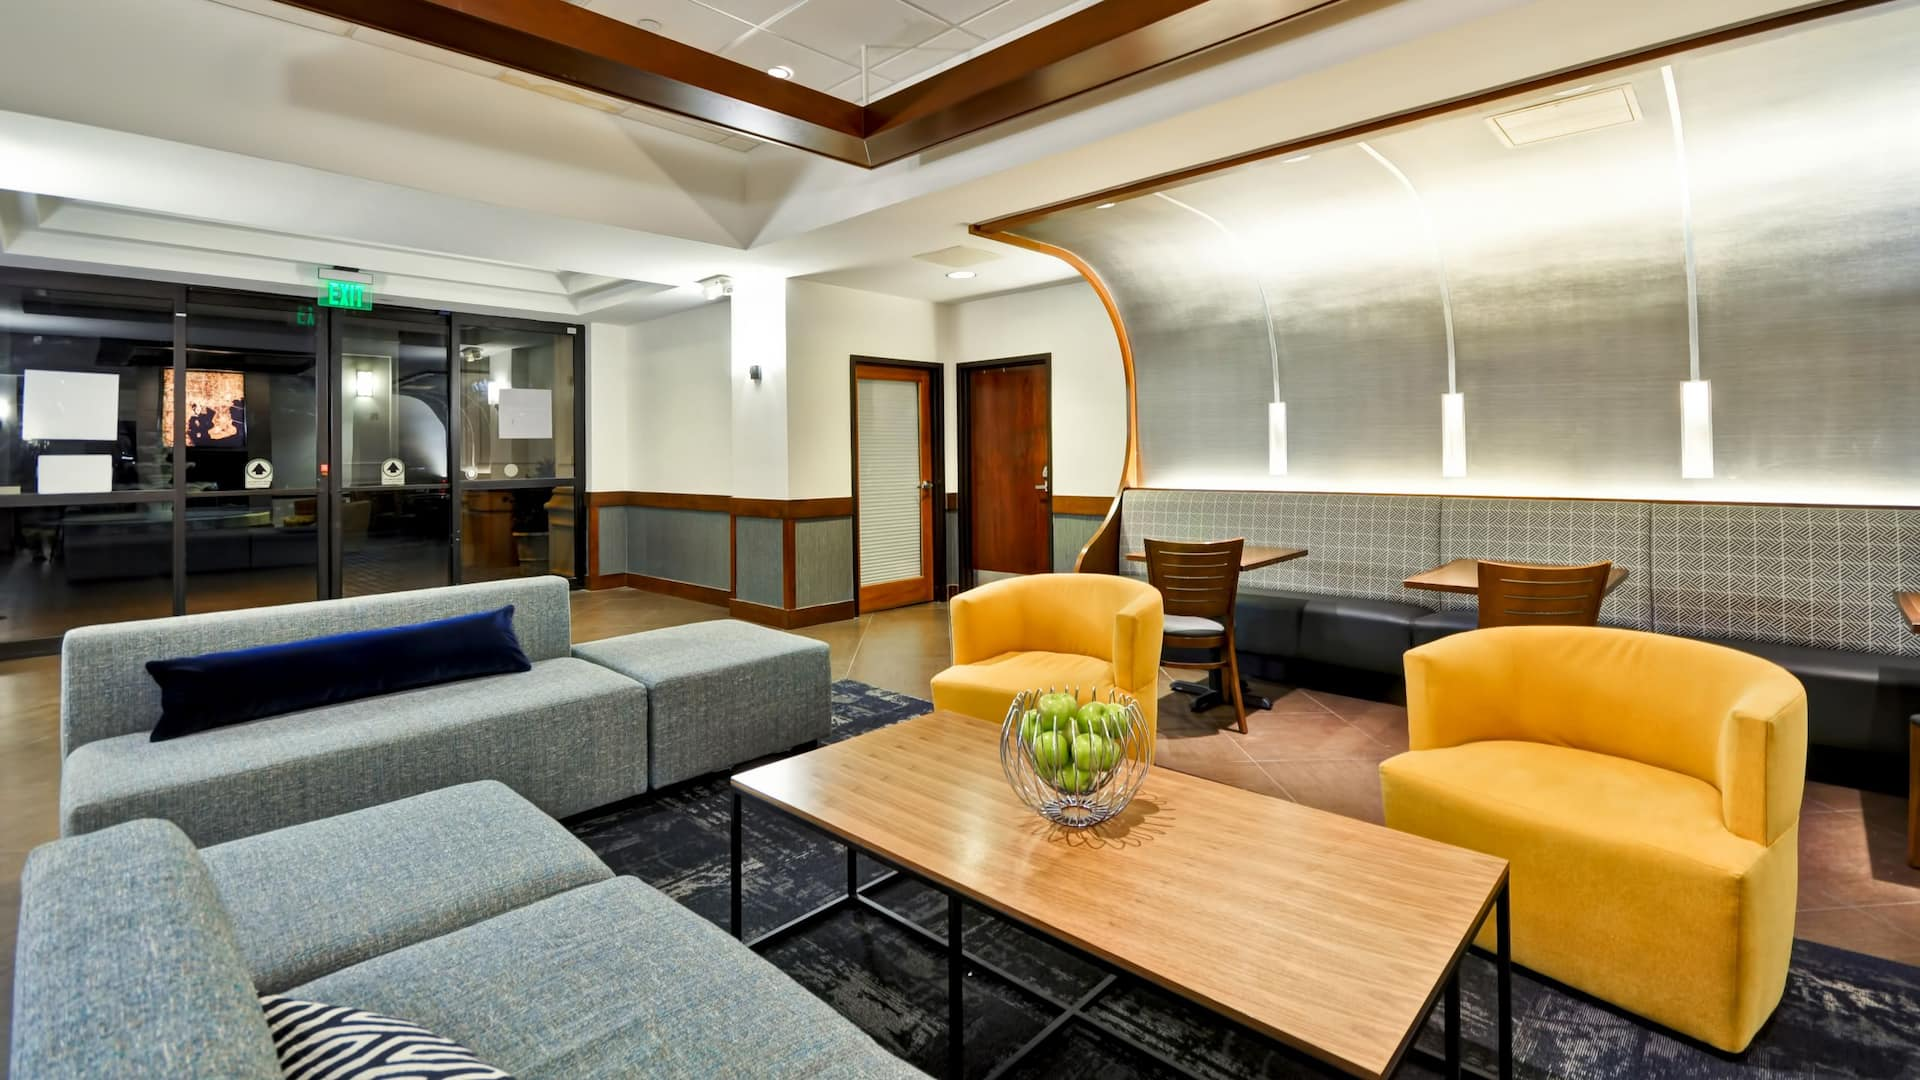 Hyatt Place Tampa Airport/Westshore Lobby